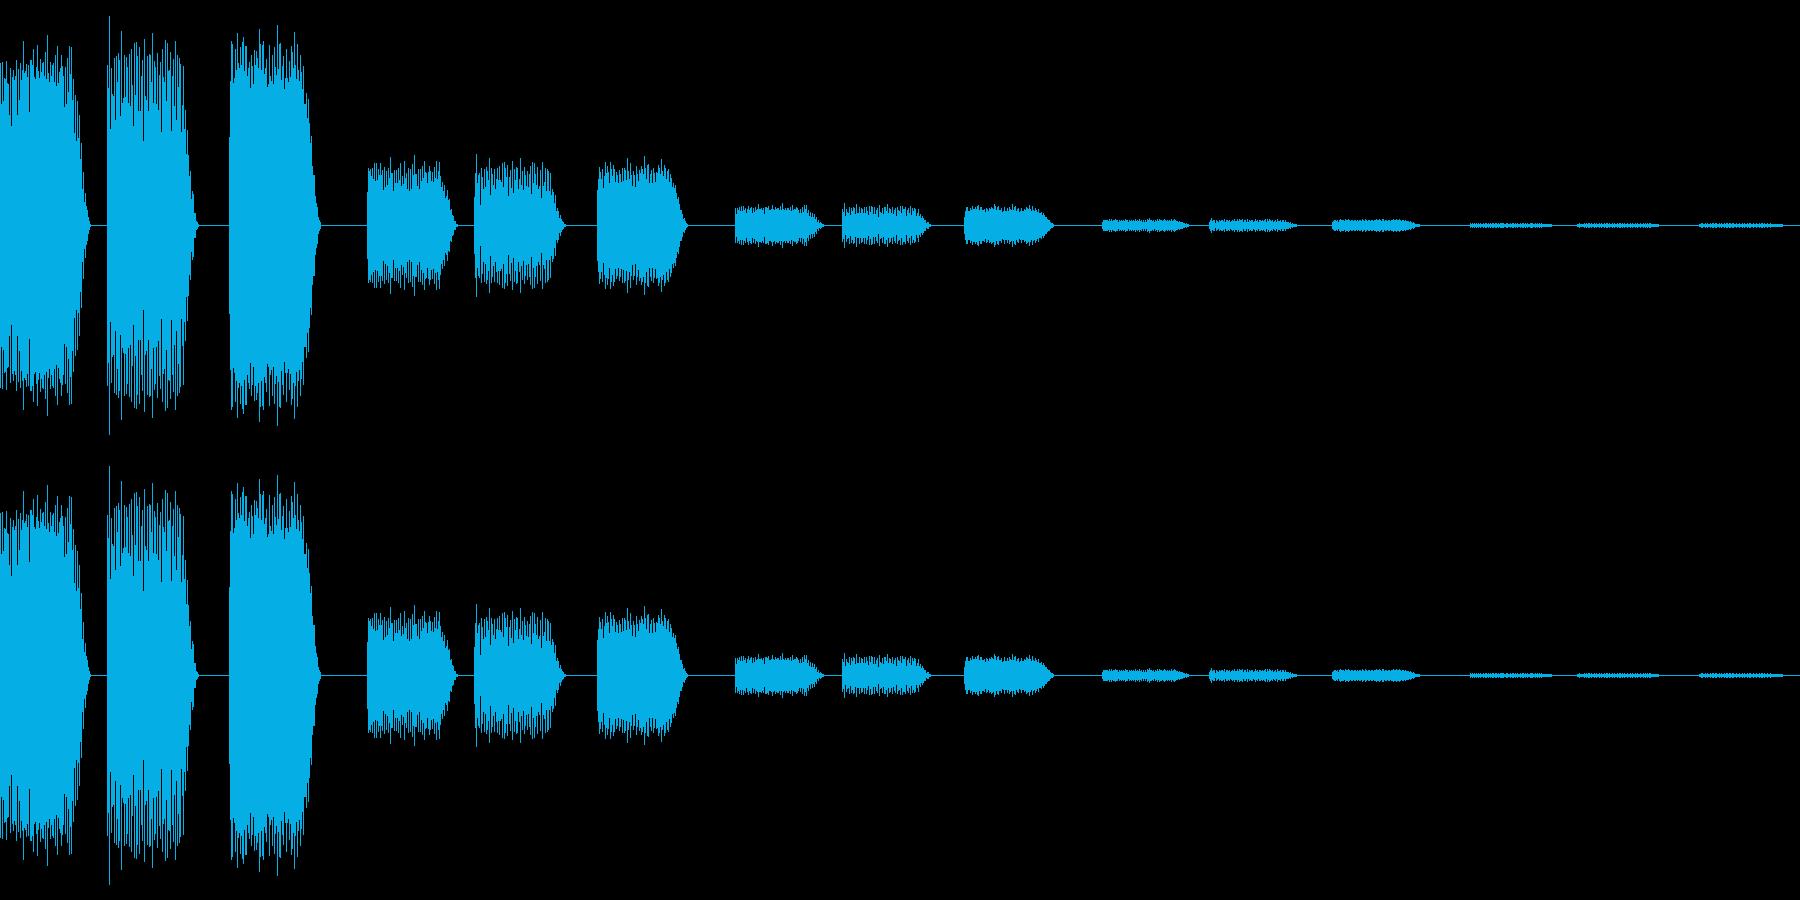 アイテム入手。回復、ベル系 ピロロリンの再生済みの波形